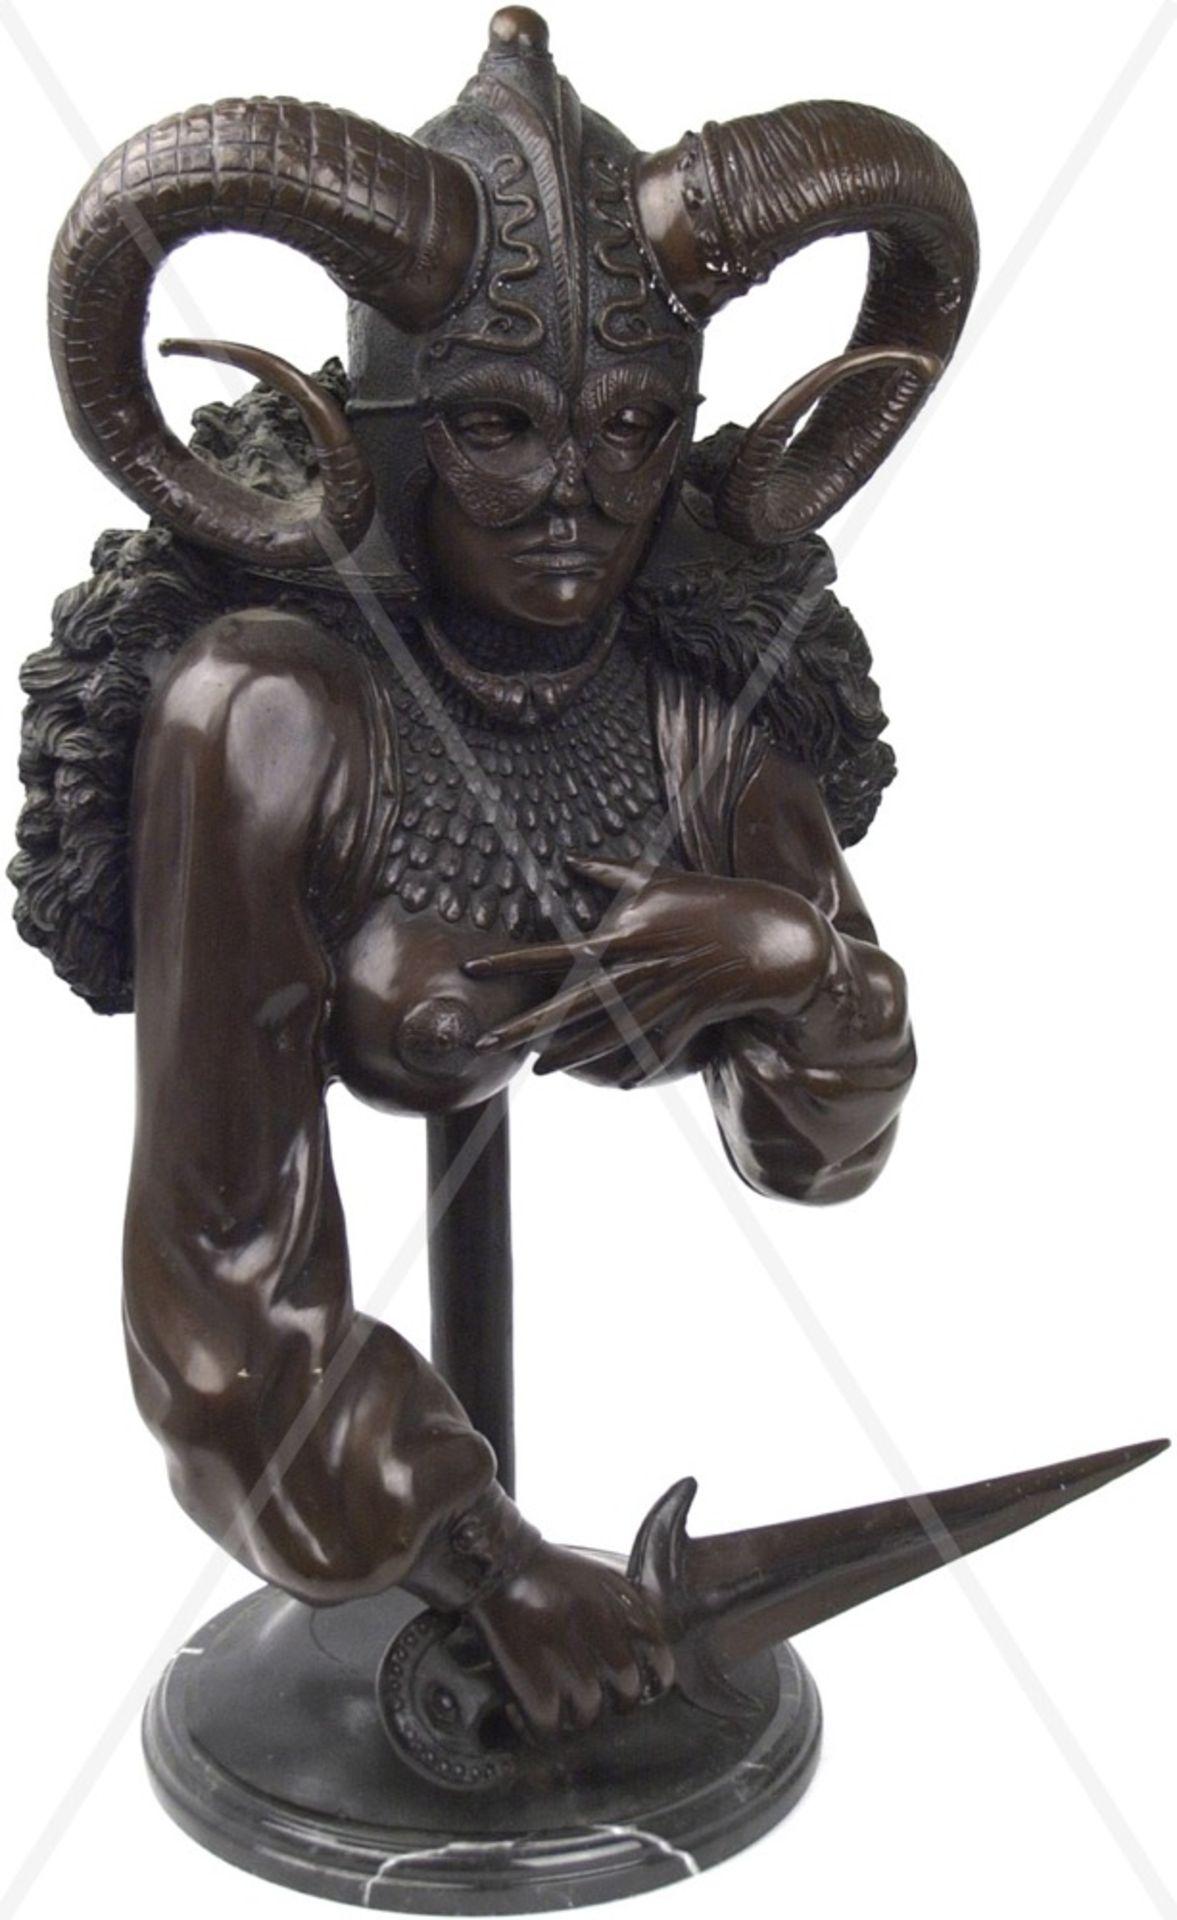 SKULPTUR, Büste einer Fantasy-Kriegerin, Weißmetall bronziert, hohl gearbeitet, junge Frau m.